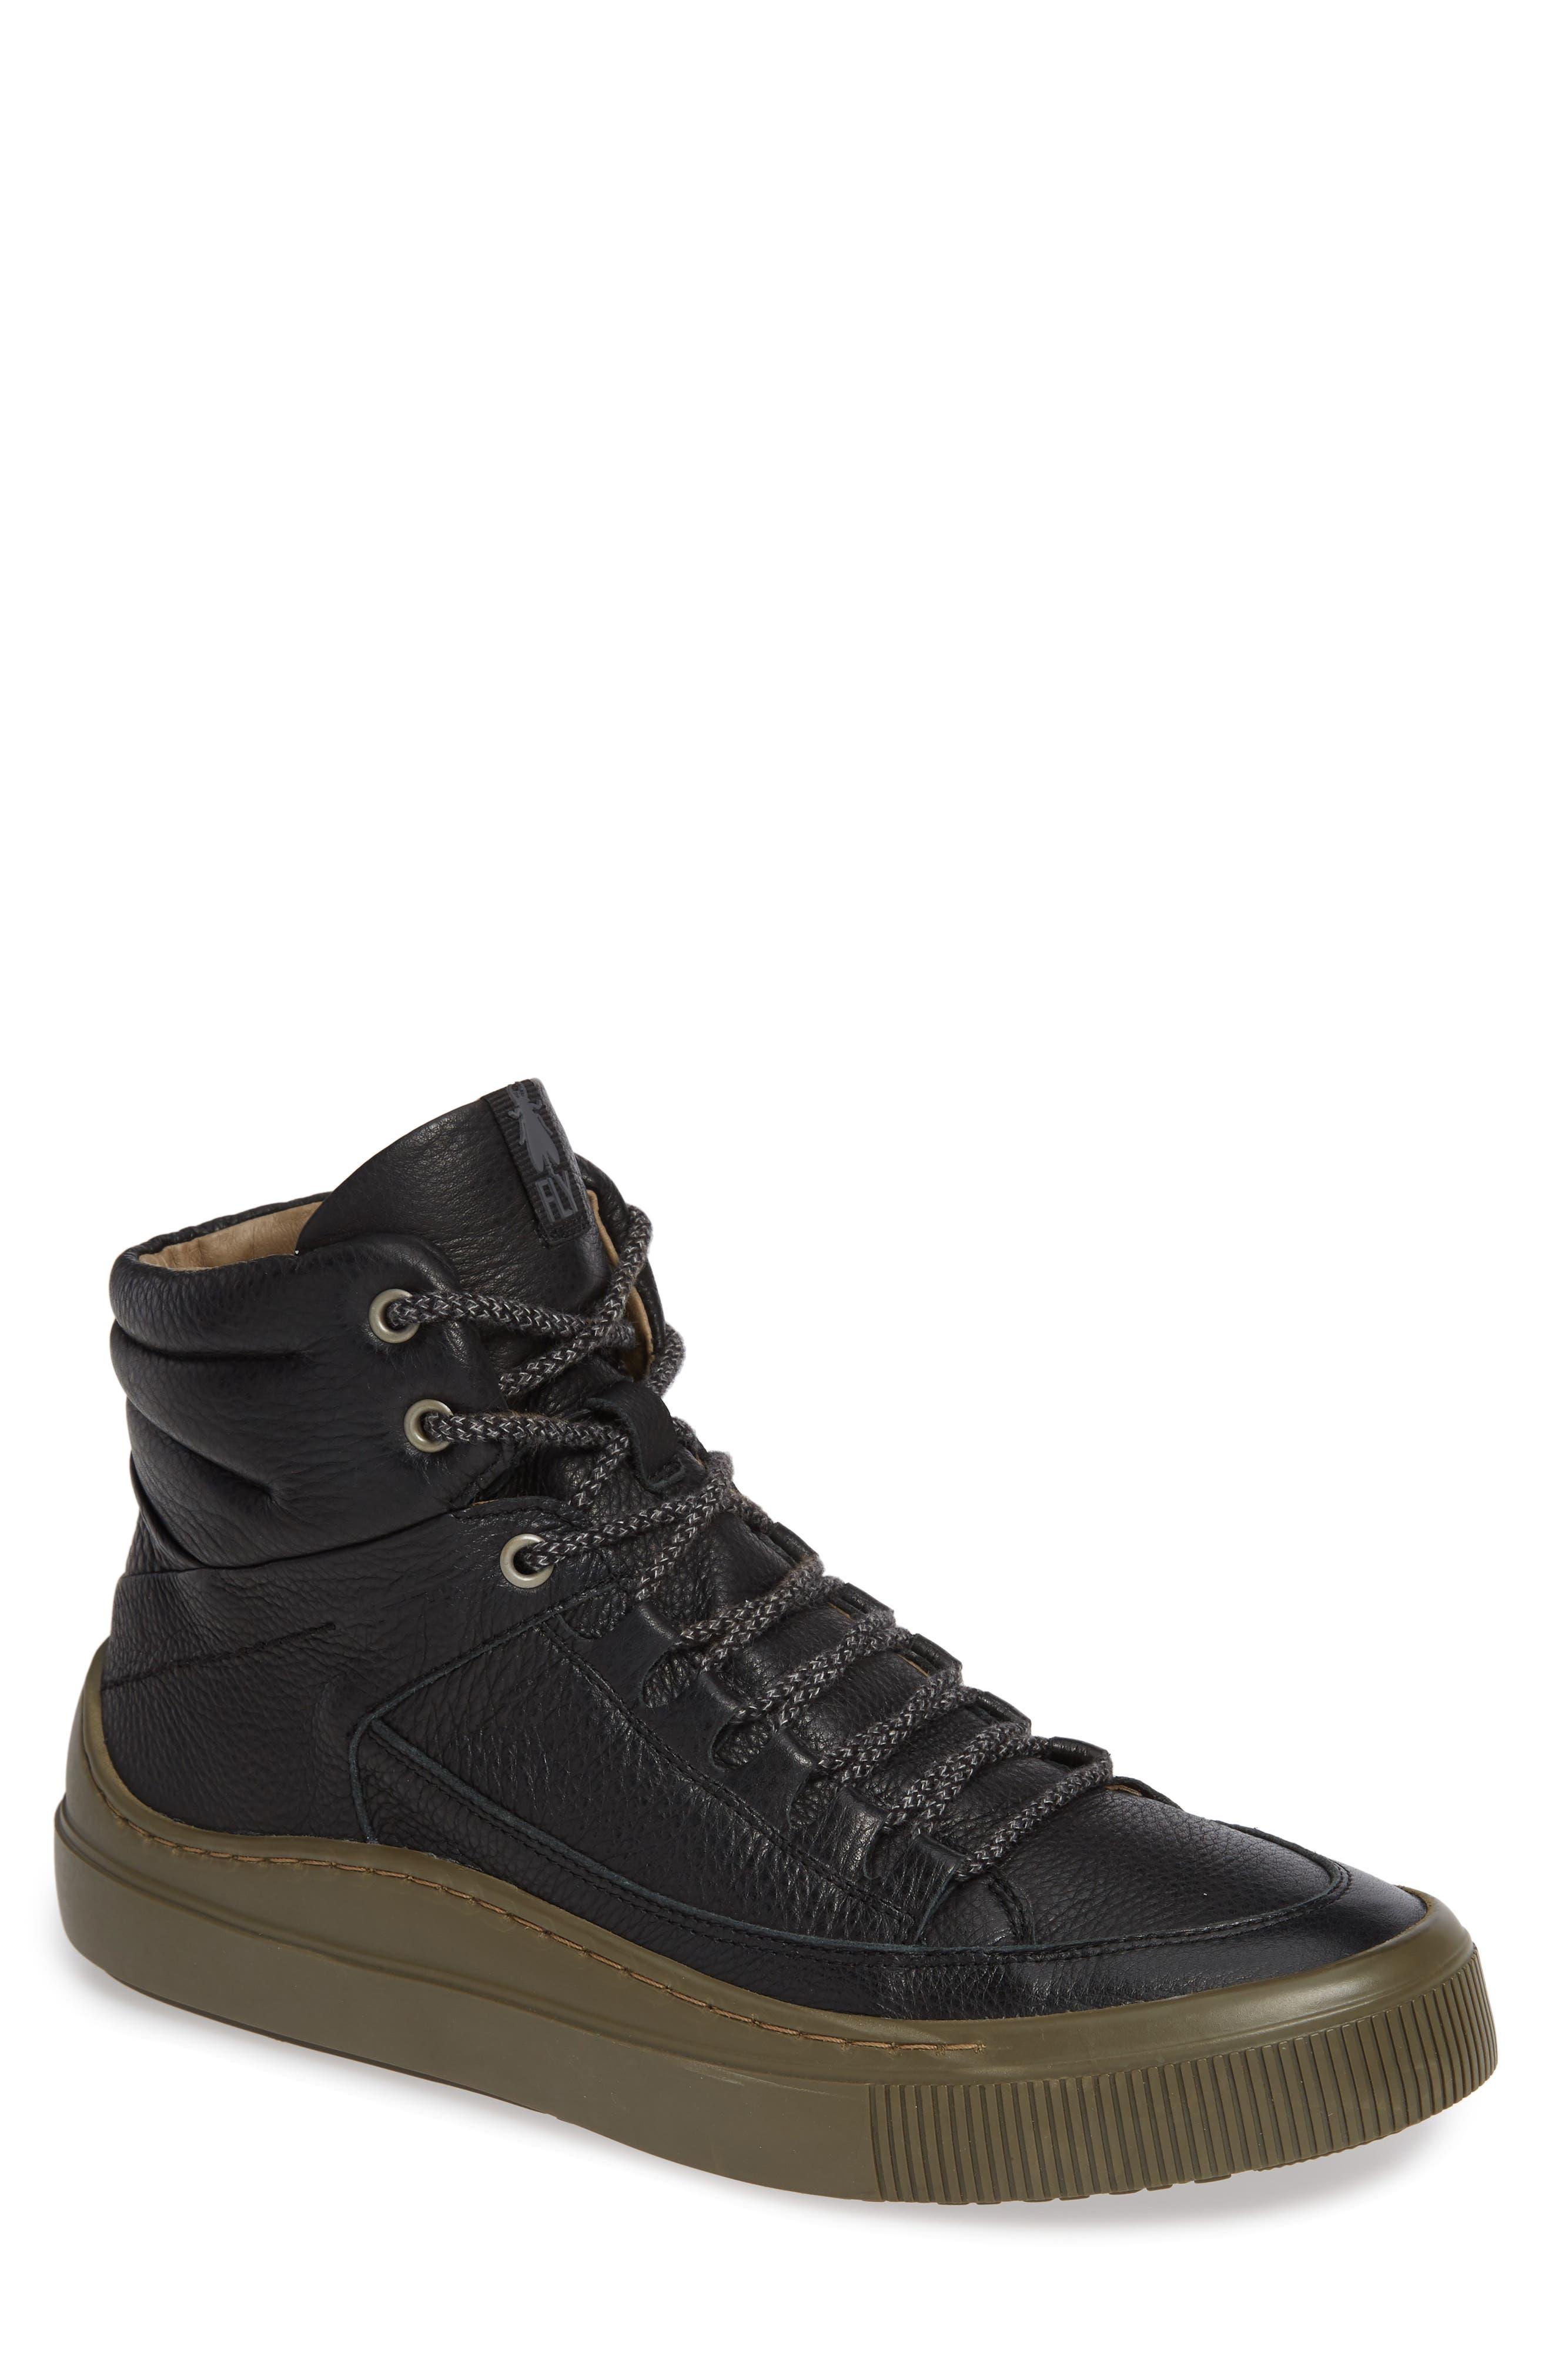 Samu Sneaker,                         Main,                         color, BLACK/ NICOTINE BRITO